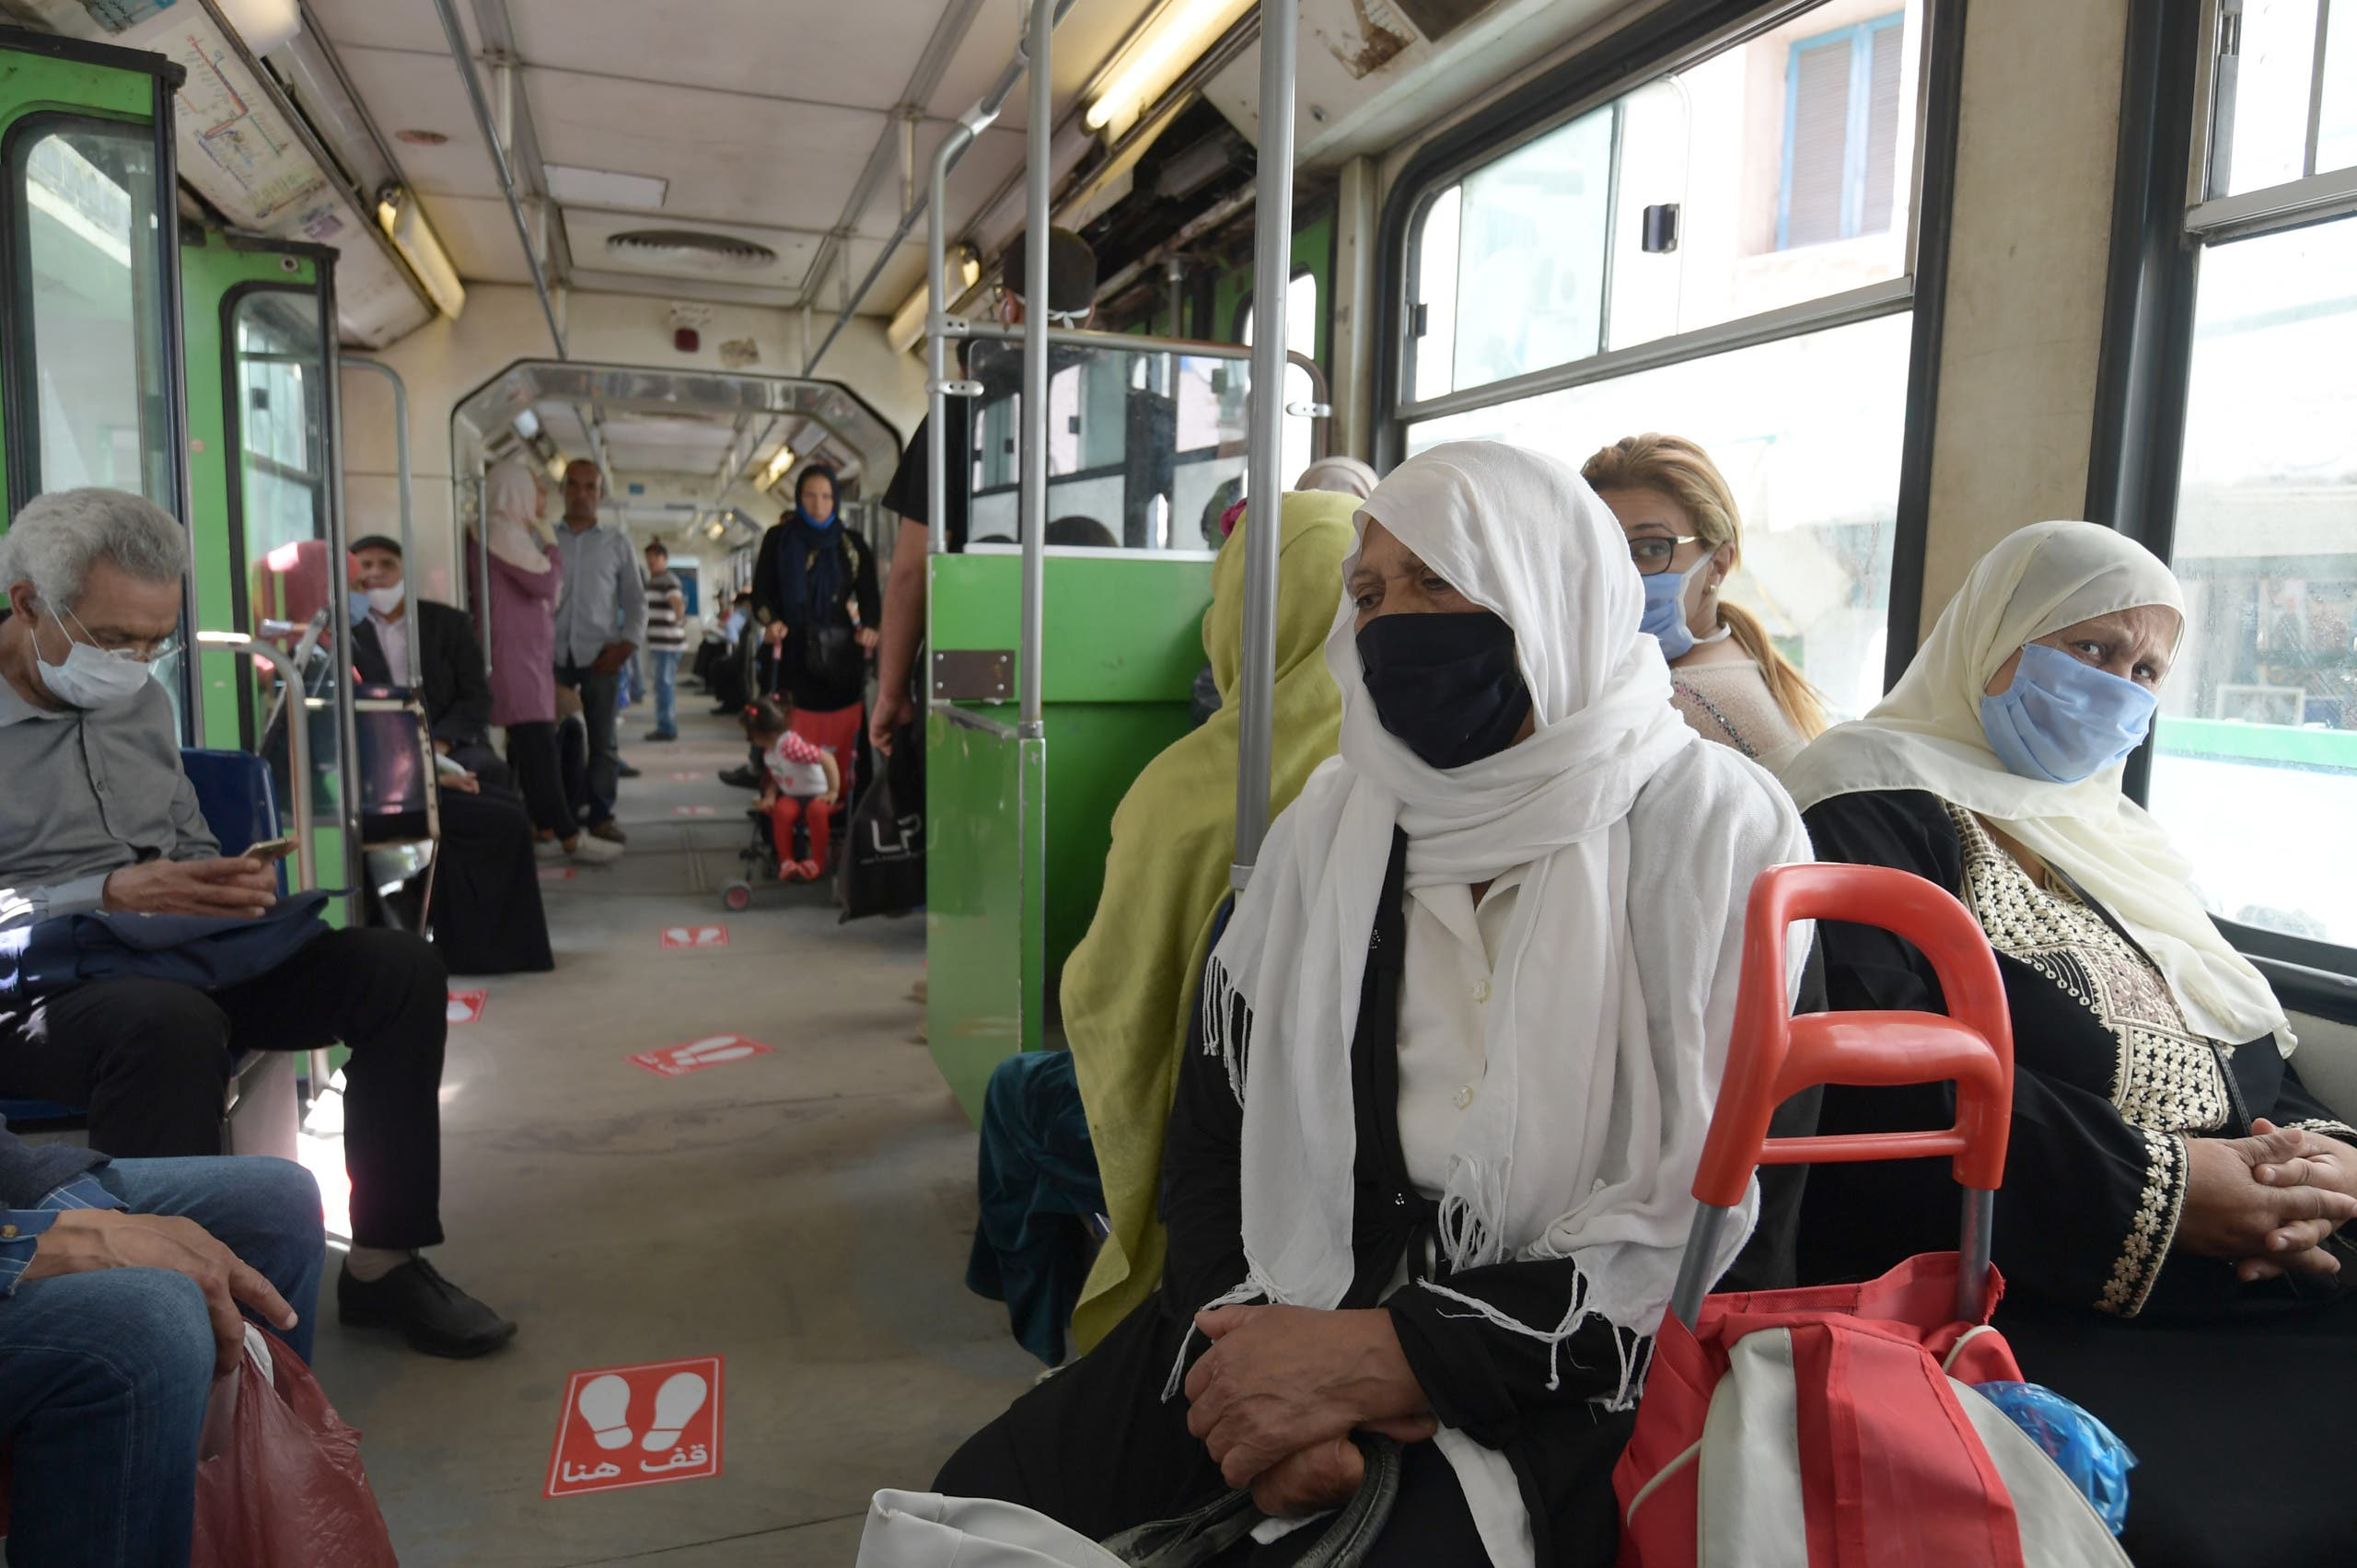 ركاب المواصلات العامة في تونس يلتزمون بلبس الكمامات